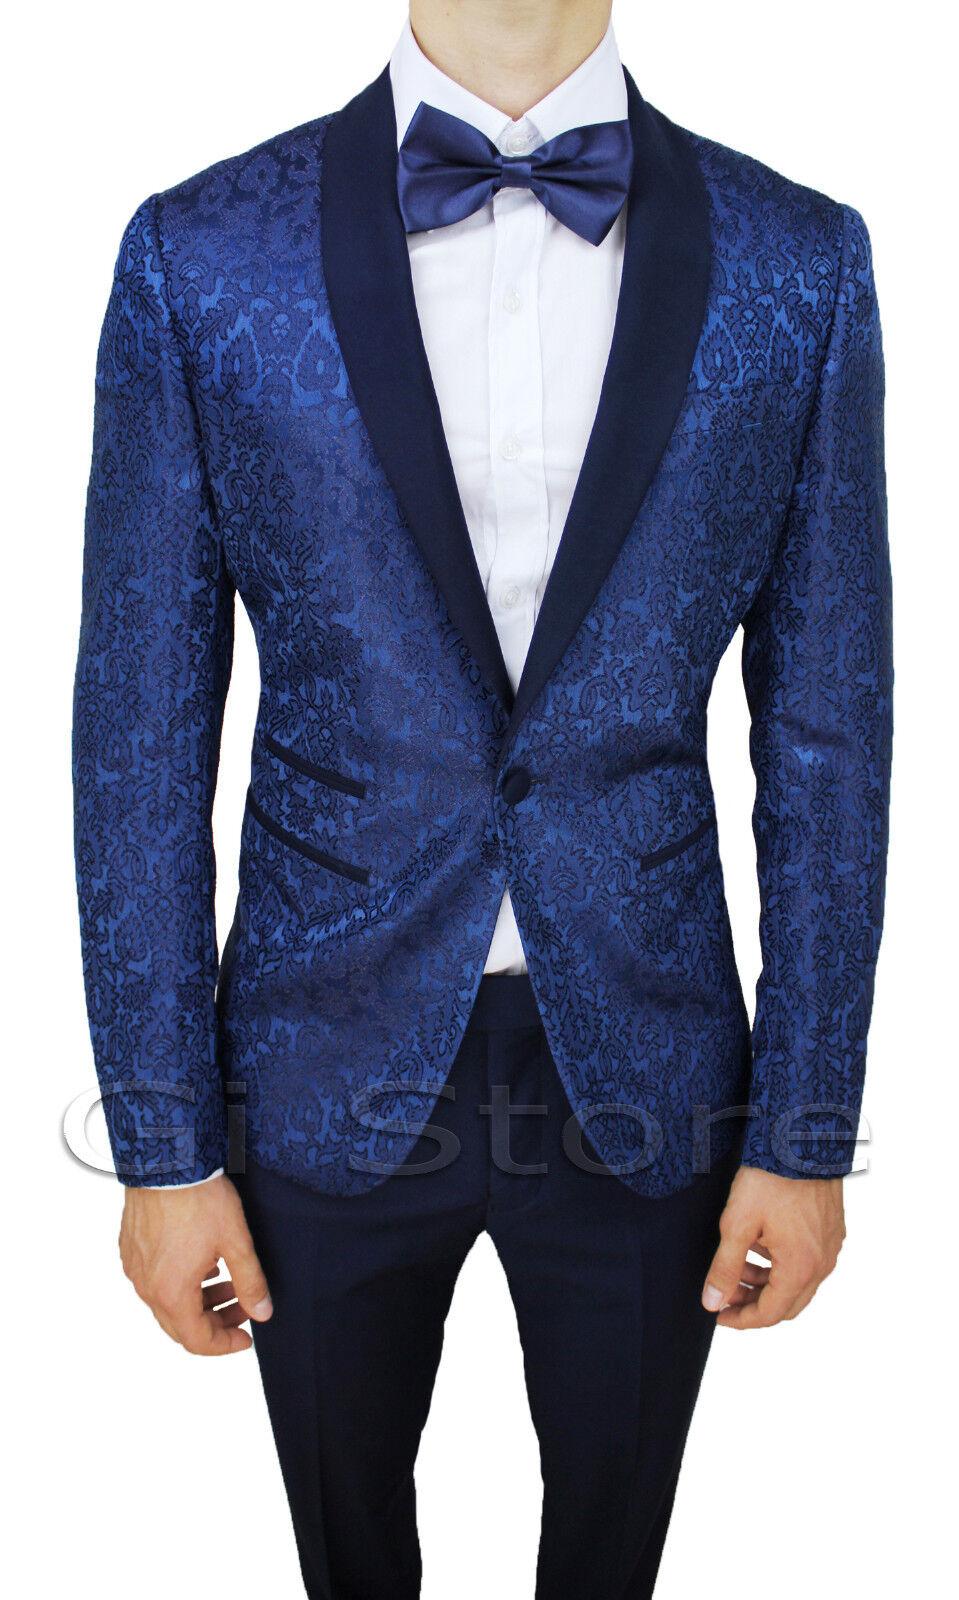 Kleid komplette Mann blau sartoriale Kleid élégant Damast NUOVO da 42 a 60